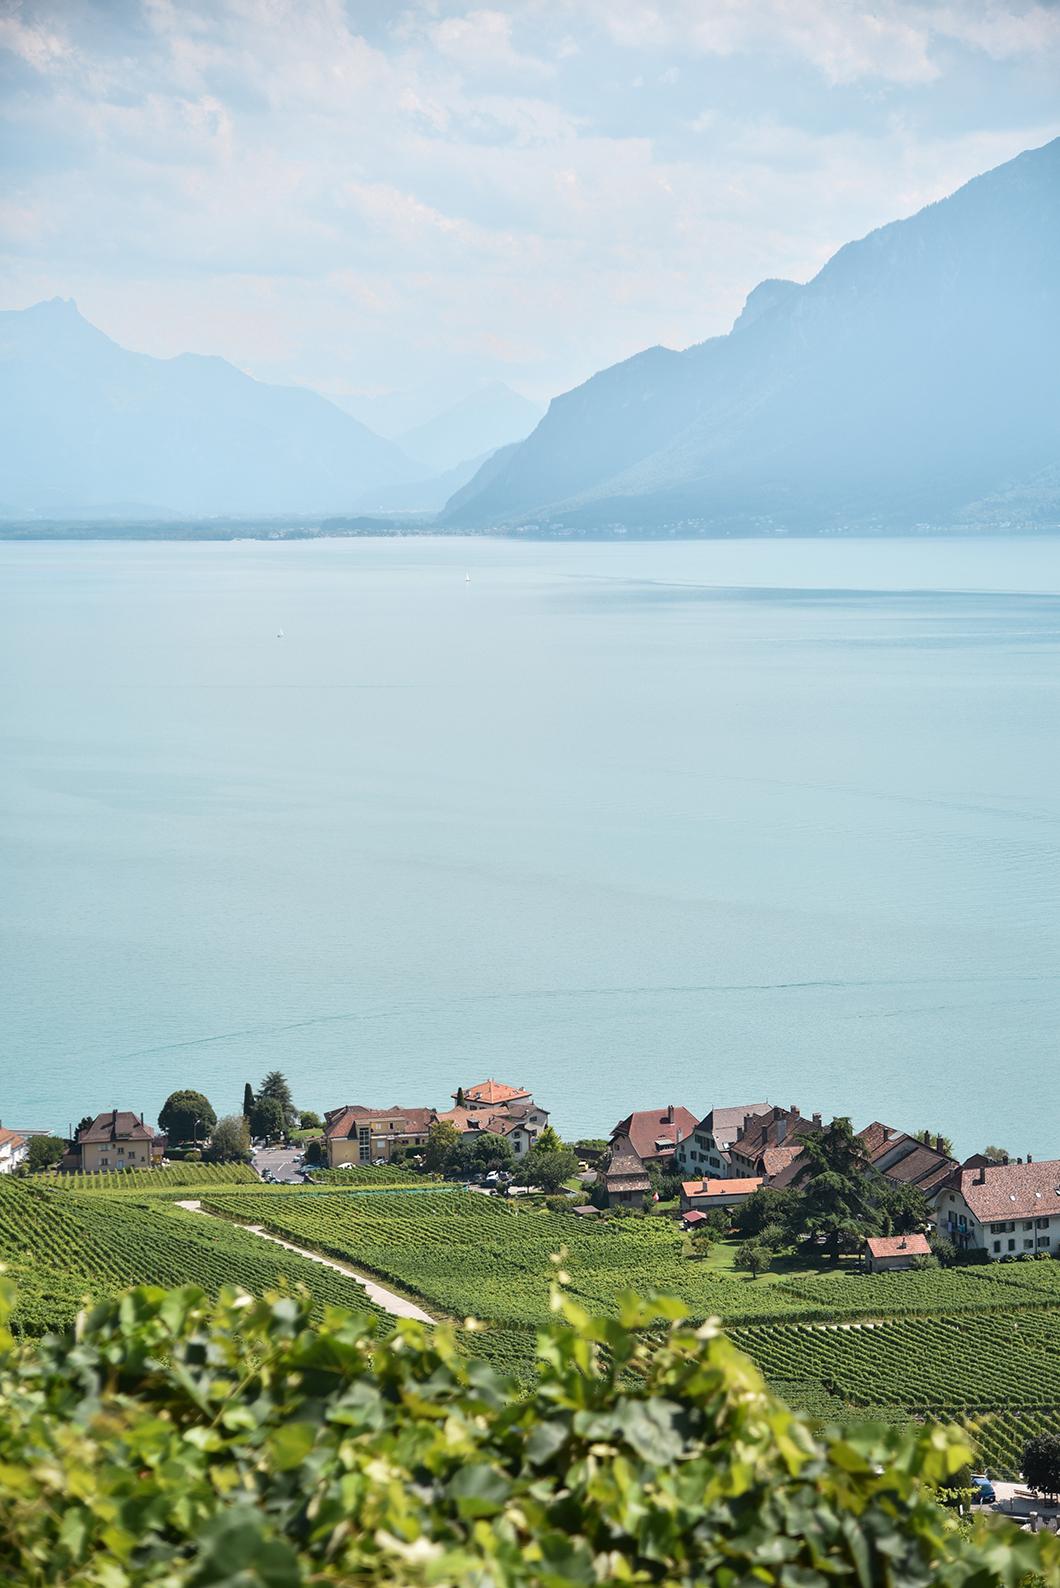 Lauxaux, nos spots préférés au Lac Léman en Suisse